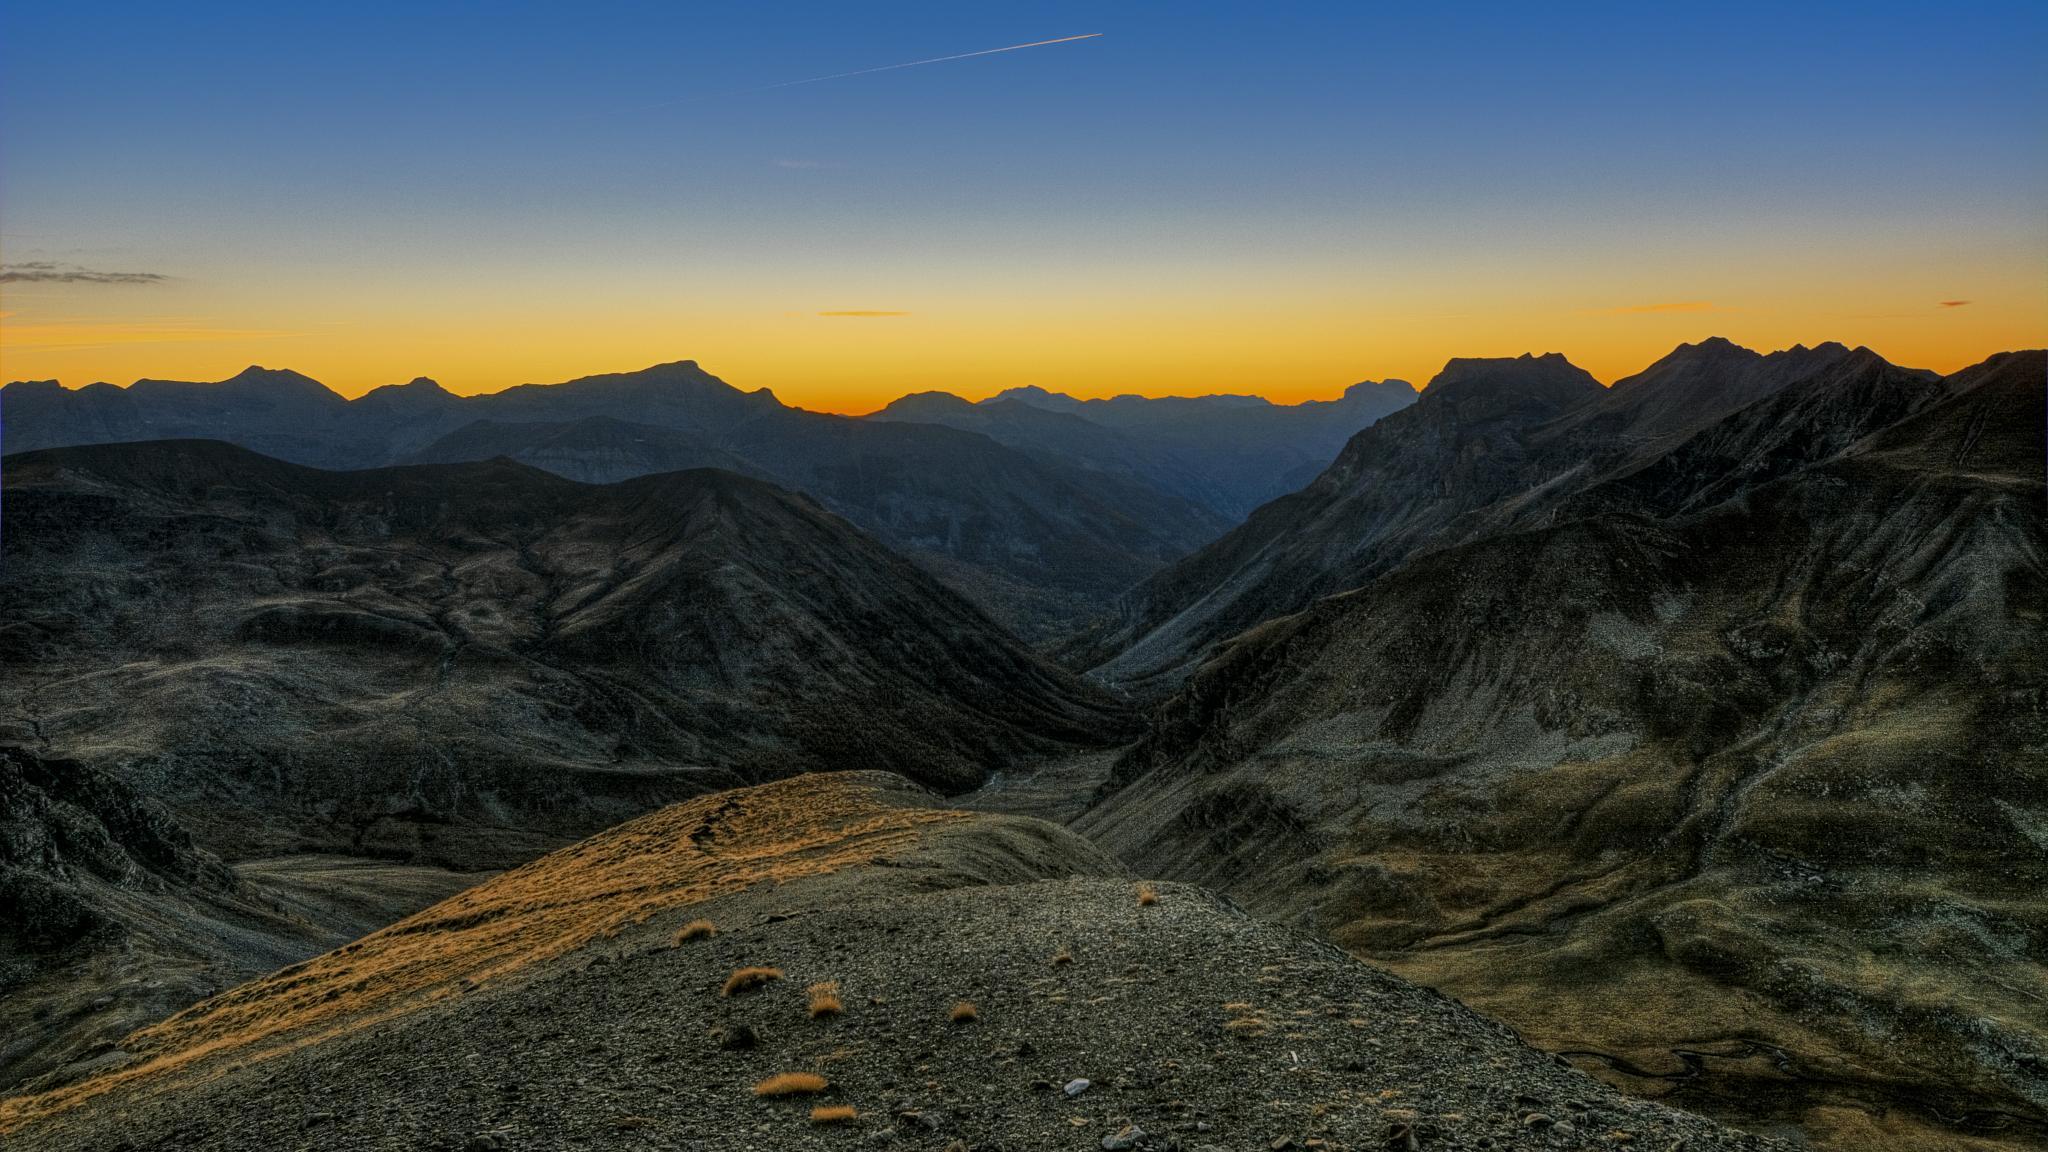 Sunset Col de la Bonette by gilles couturier